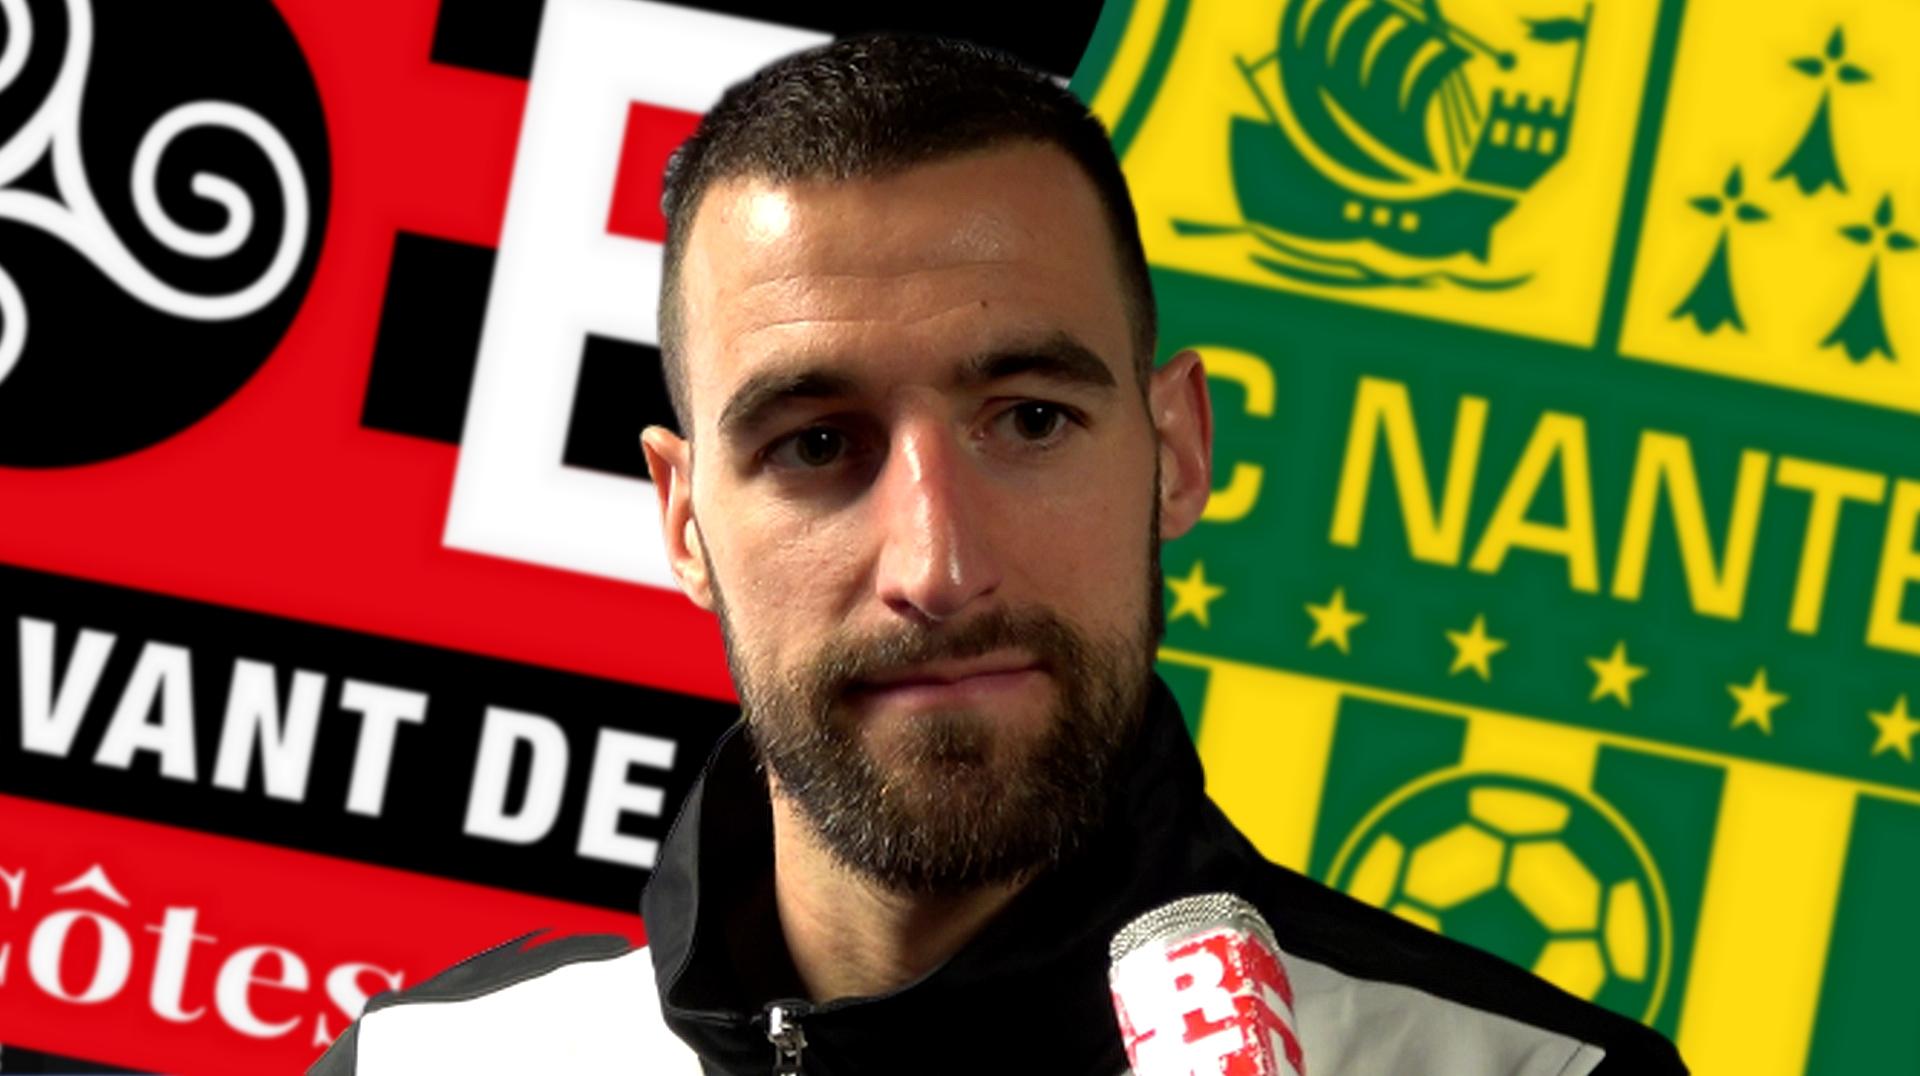 Interview de Lucas Deaux après Guingamp - Nantes le 3 mars 2019 - La Déviation